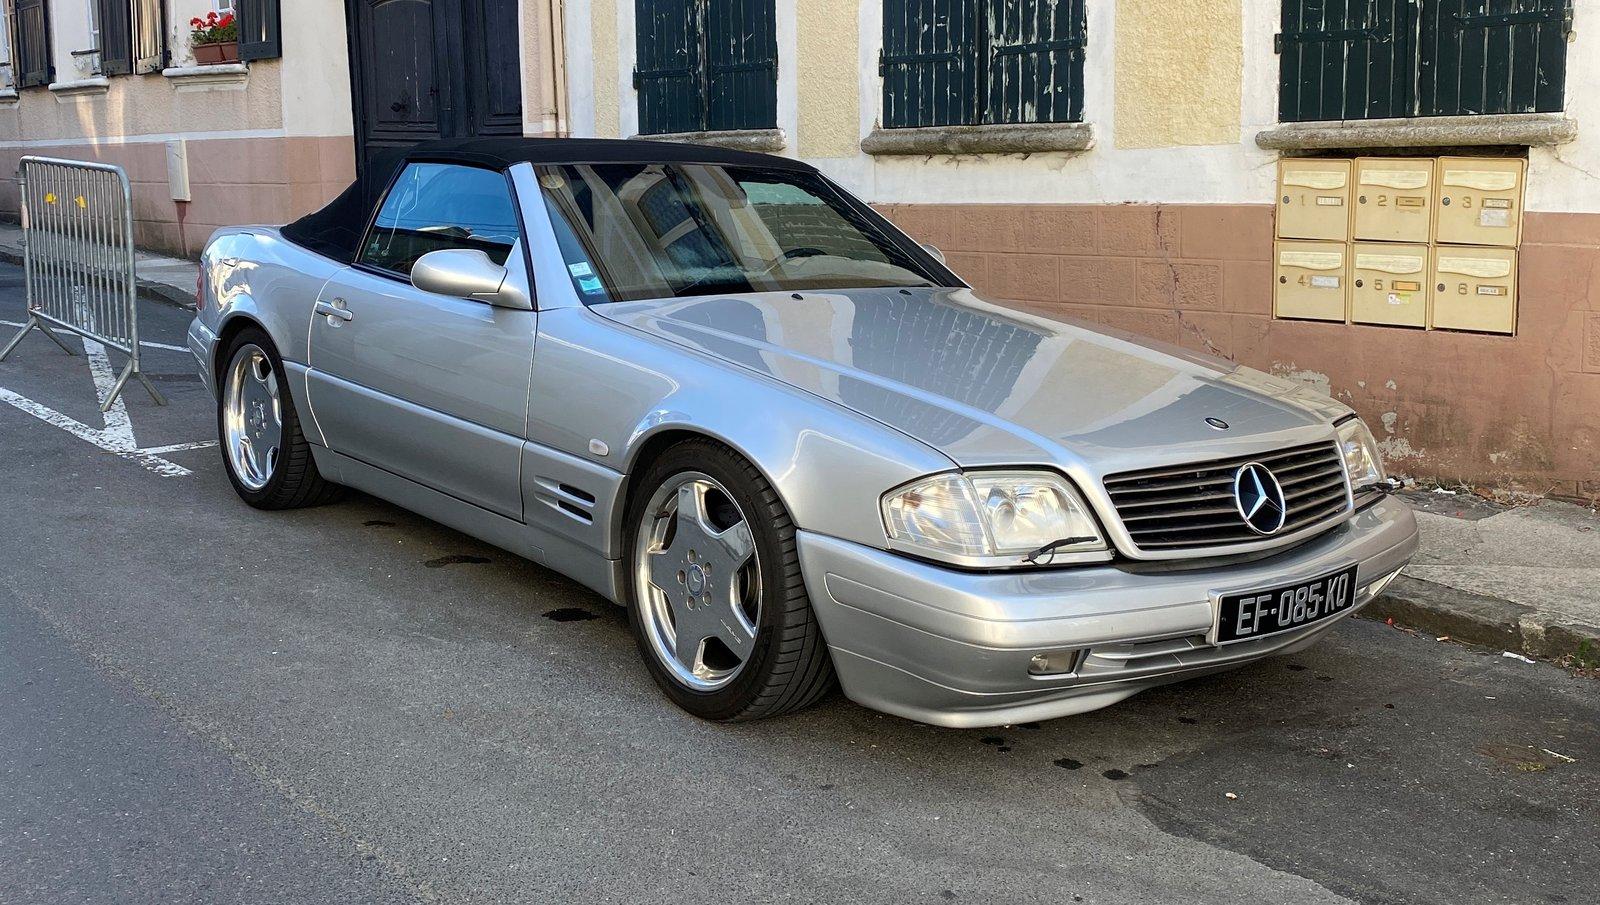 Nouveau en SL 500 R129 1998 par Freddy KRUEGER - Page 2 200619081302120216